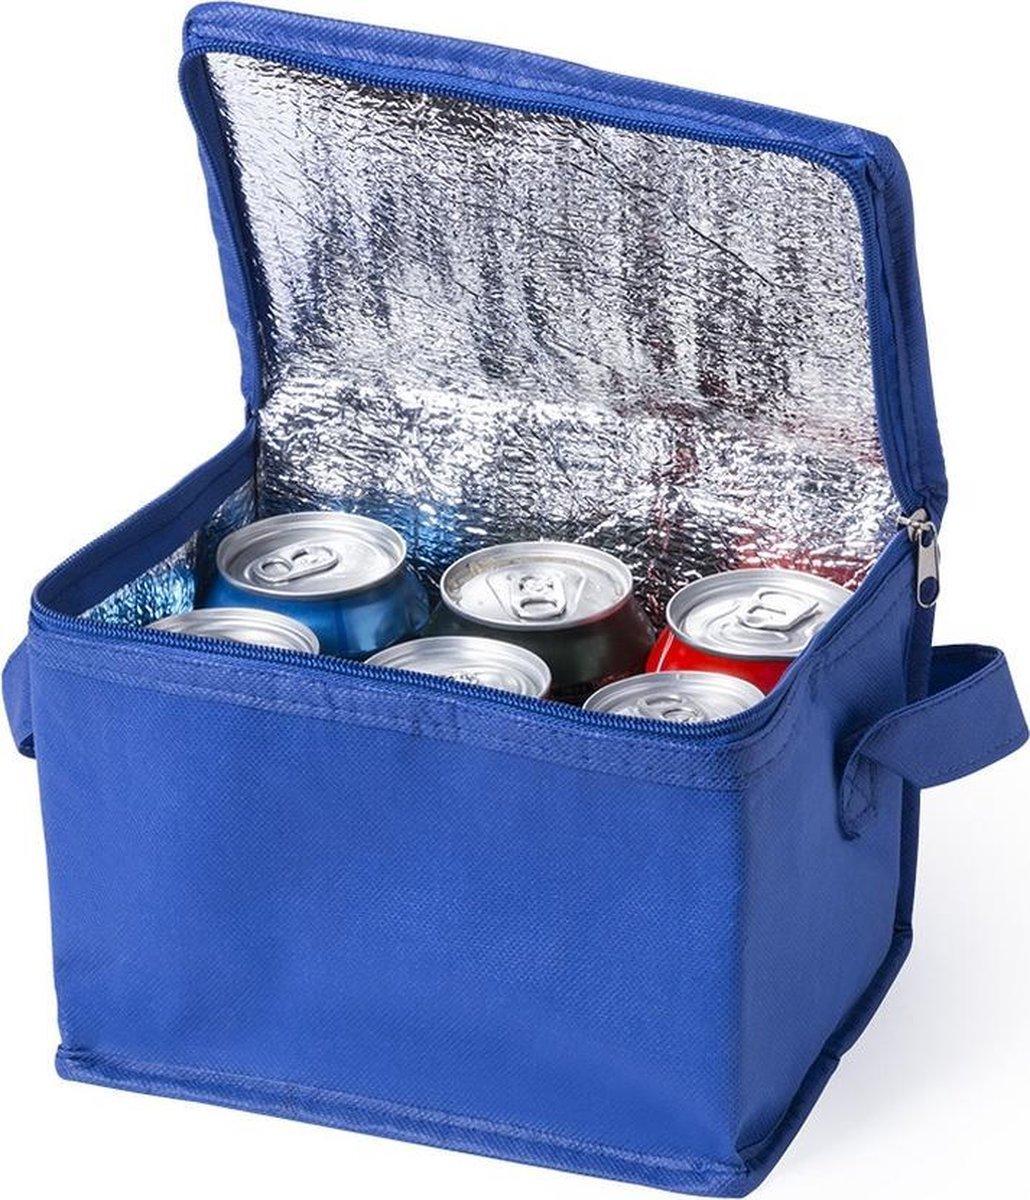 Kleine mini  koeltassen blauw sixpack blikjes - Compacte koelboxen/koeltassen en elementen